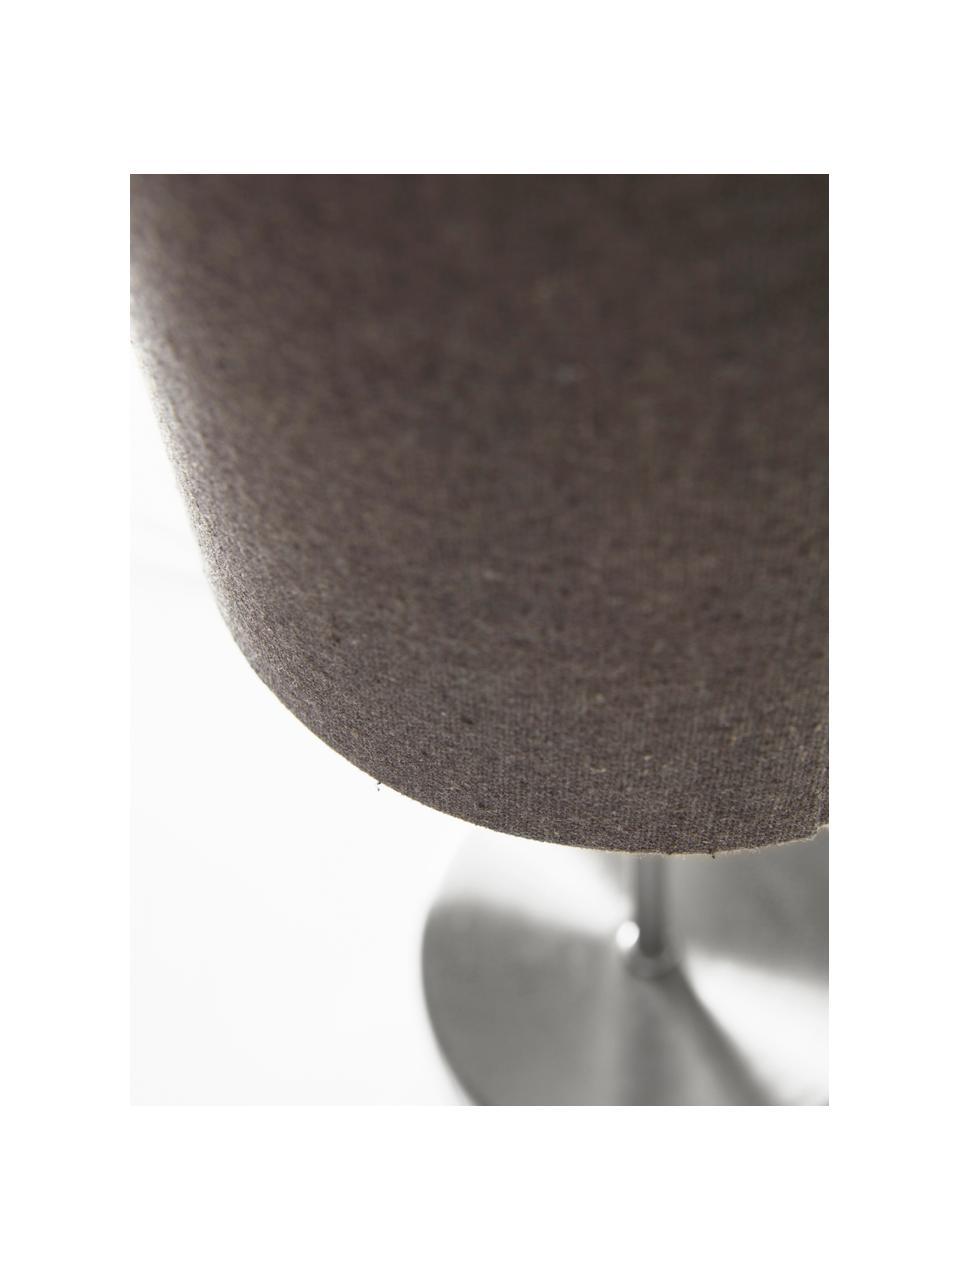 Lampada da tavolo con paralume in tessuto Seth 2 pz, Paralume: tessuto, Base della lampada: metallo nichelato, Struttura: metallo nichelato, Grigio, color nickel, Ø 15 x Alt. 45 cm